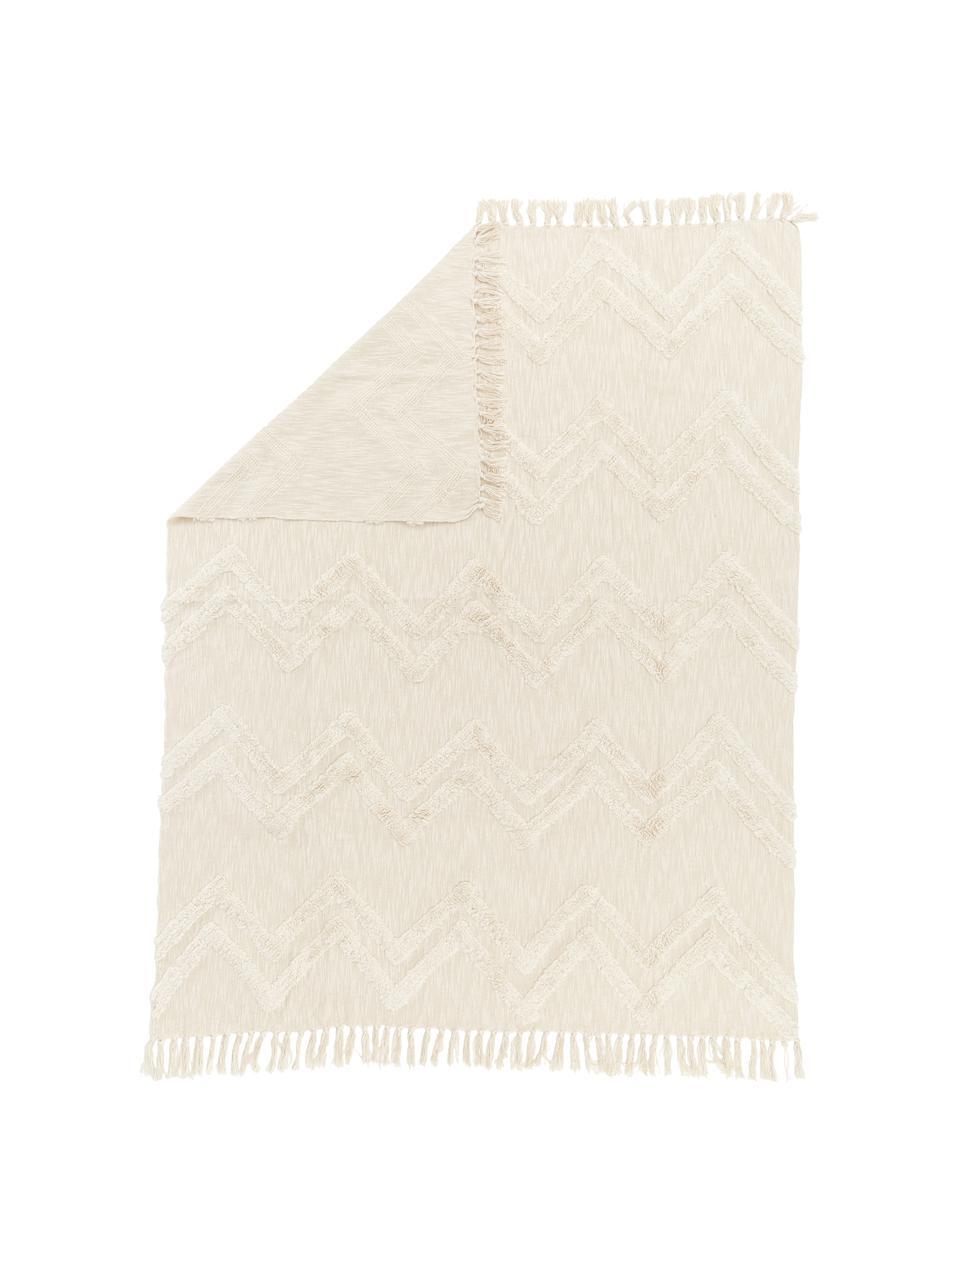 Coperta boho in cotone con motivo a zigzag trapuntato Akesha, 100% cotone, Ecru, Larg. 130 x Lung. 170 cm